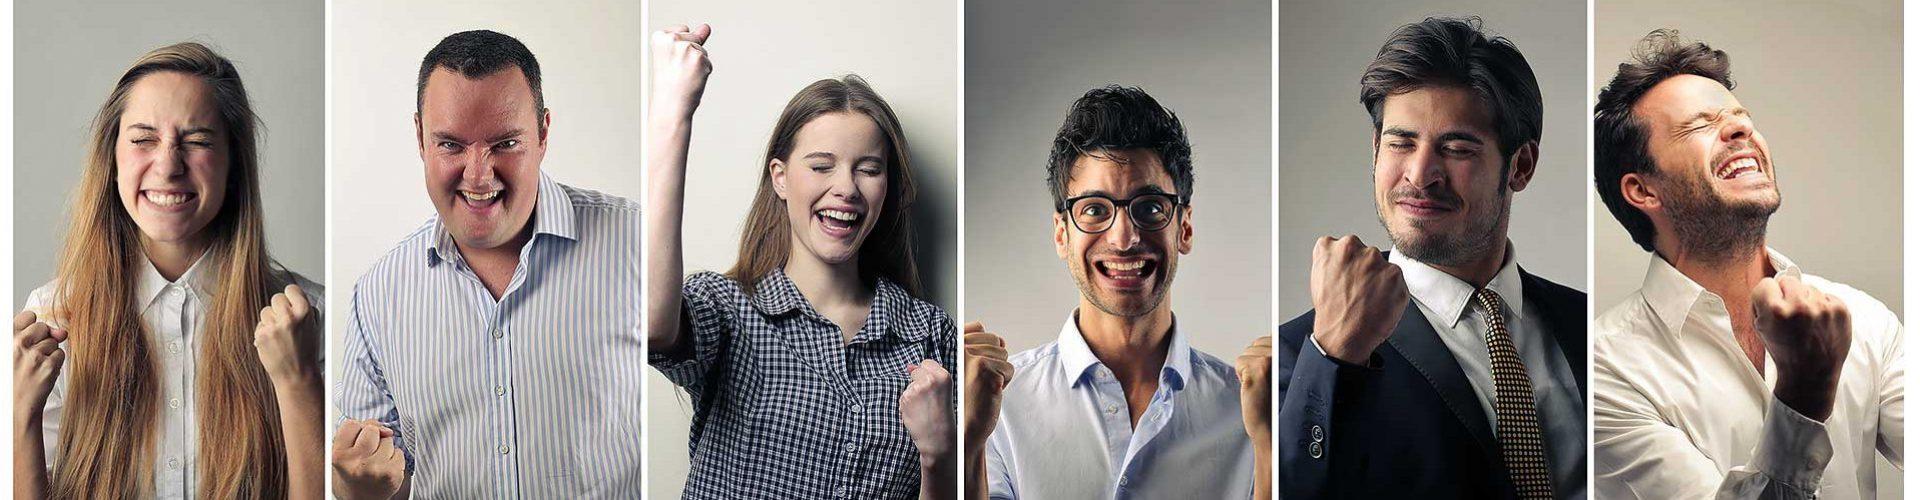 Lønfeldt Marketing marketingydelser der hjælper kunderne